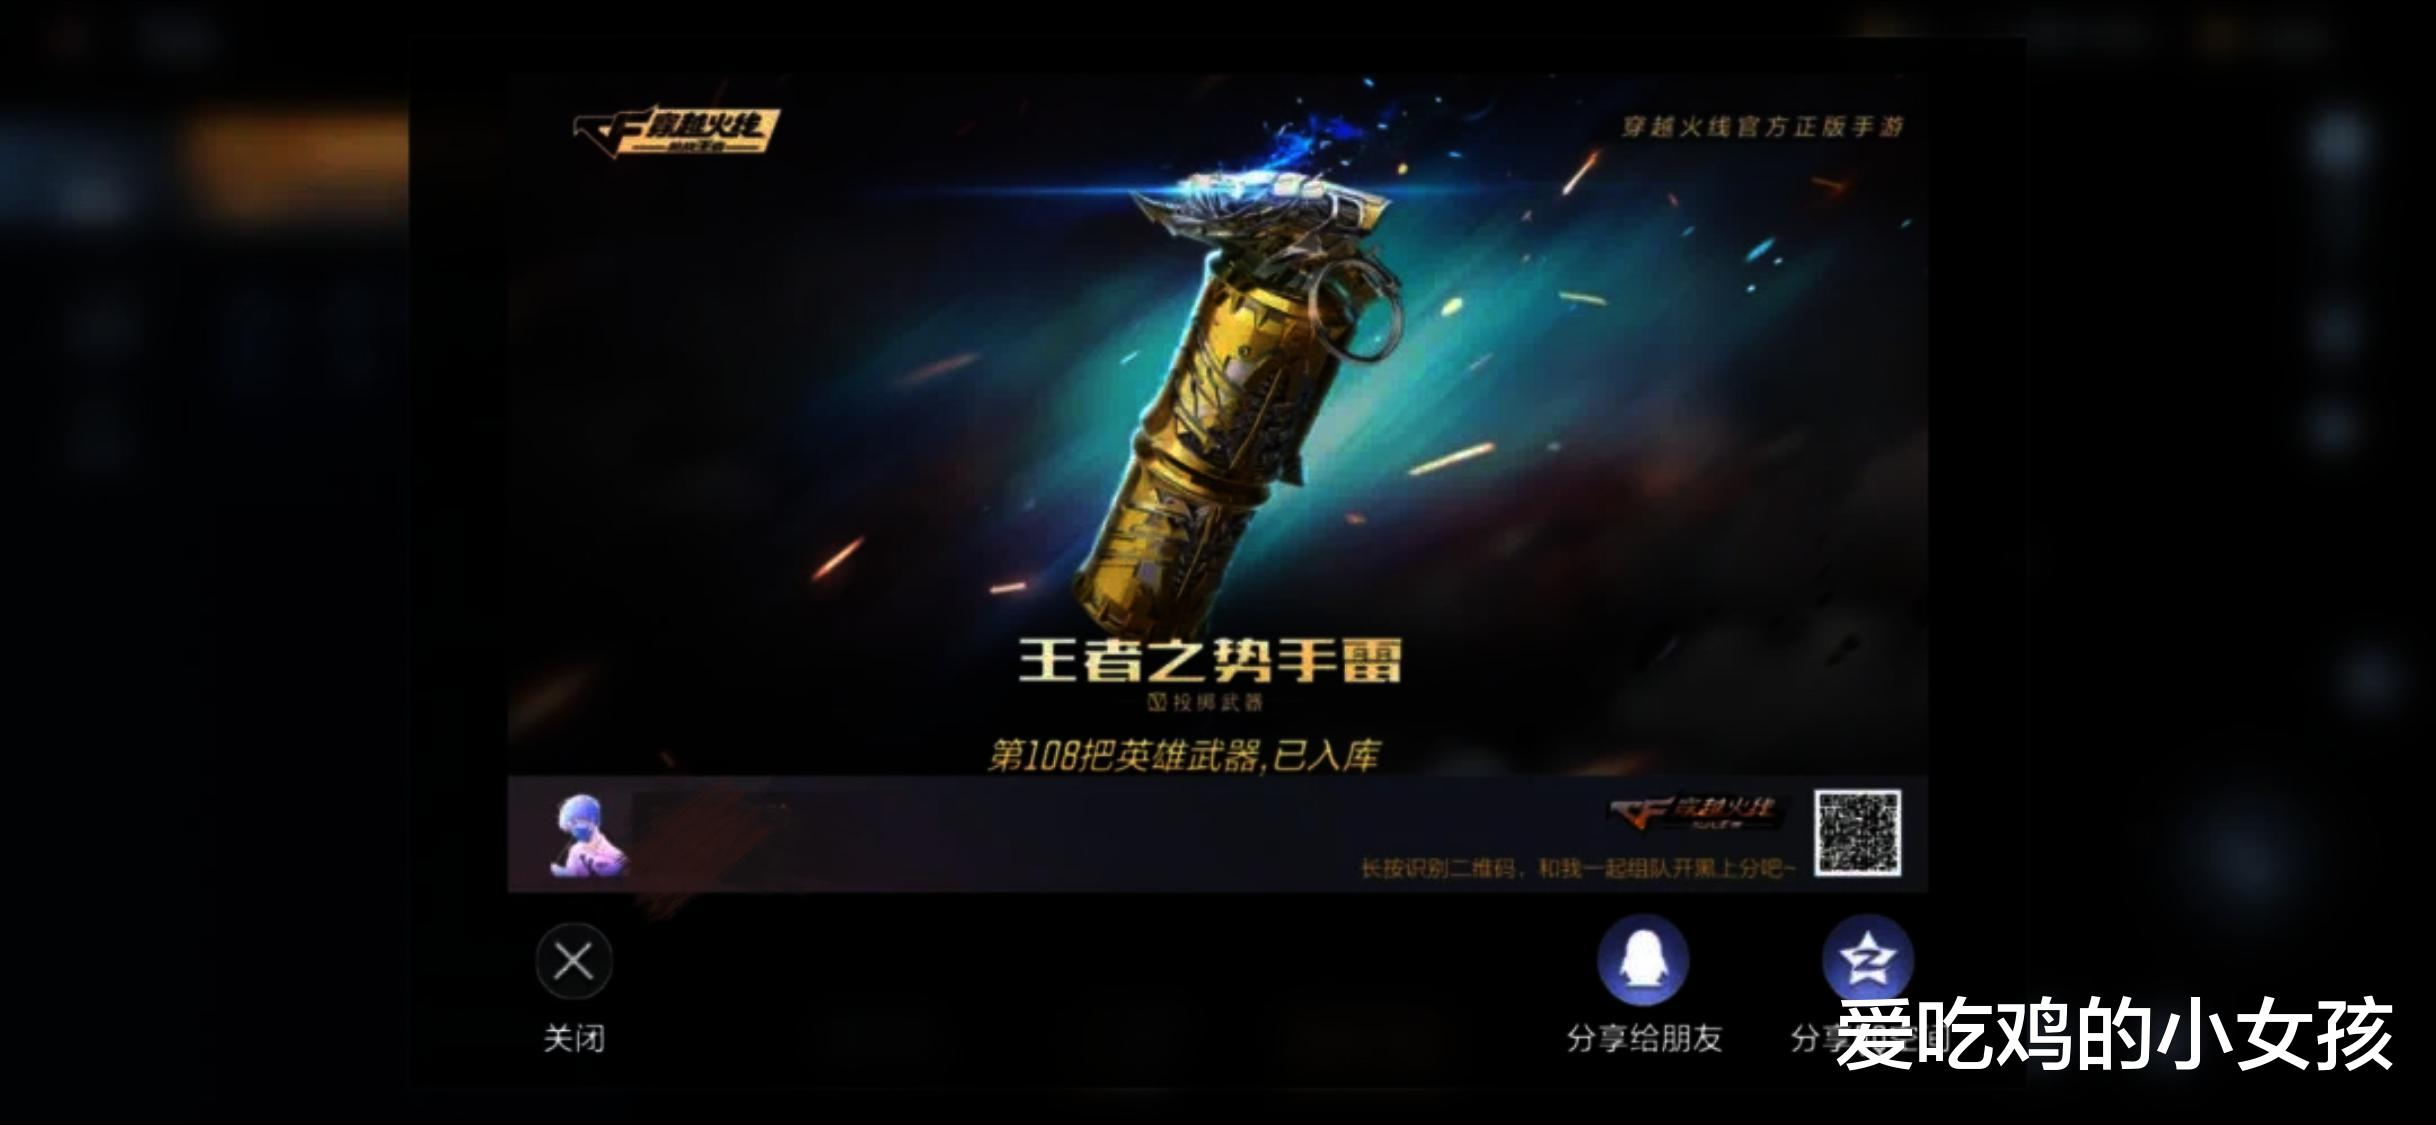 《【煜星在线娱乐注册】CF手游:王者武器大动作!全新手雷套装即将上线,还有王者近战》